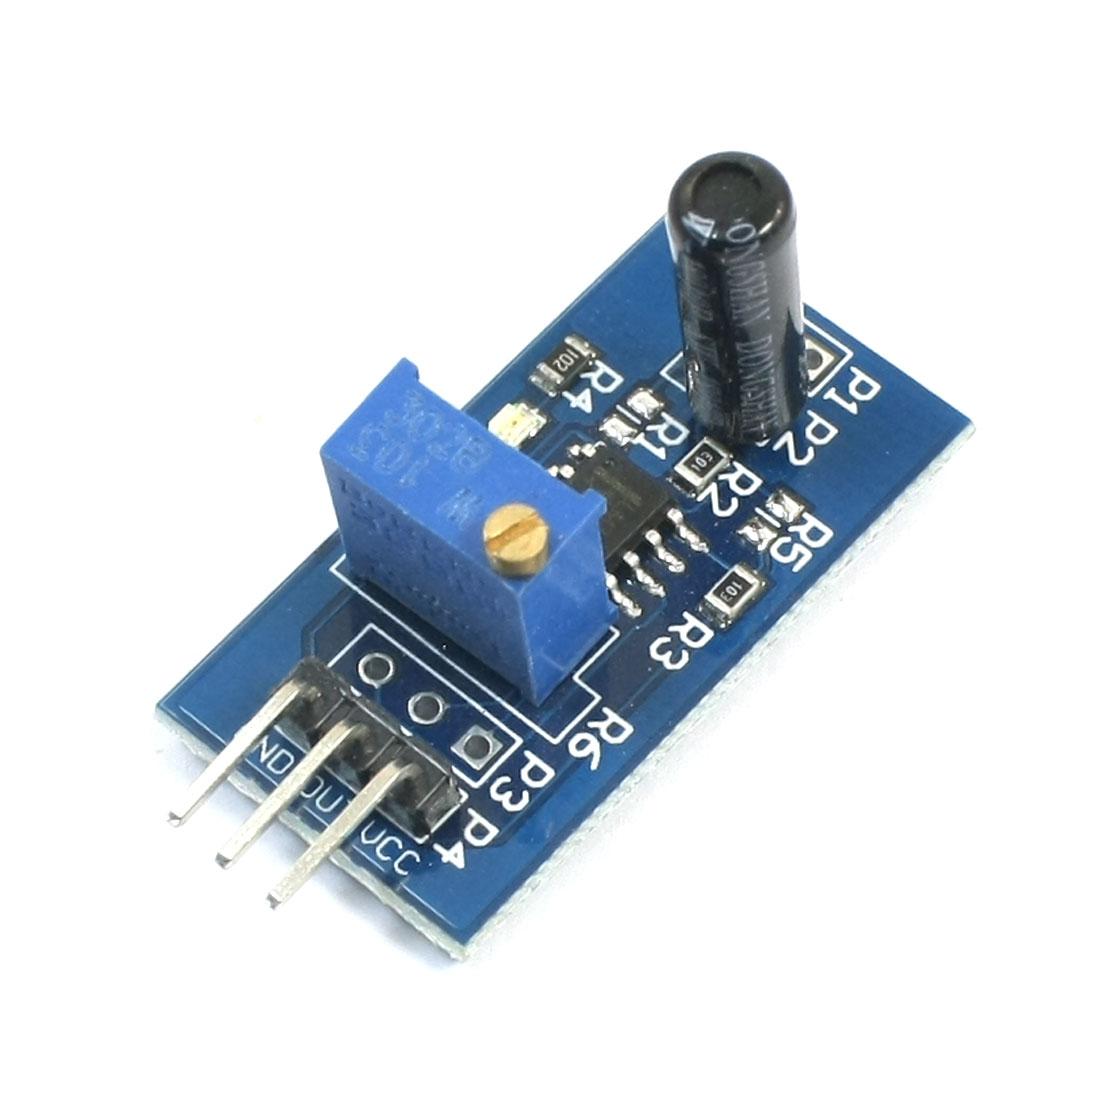 LM393 Chip Vibrat Vibration Sensor Switch Module for RC Smart Cars